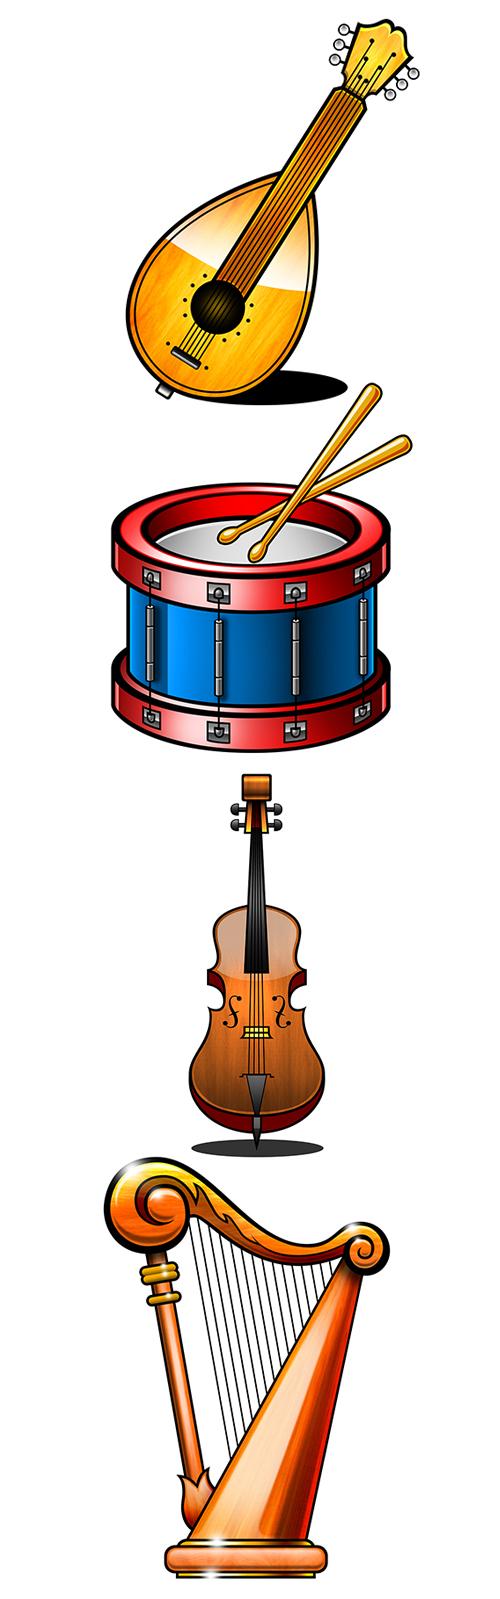 Music Illustrations